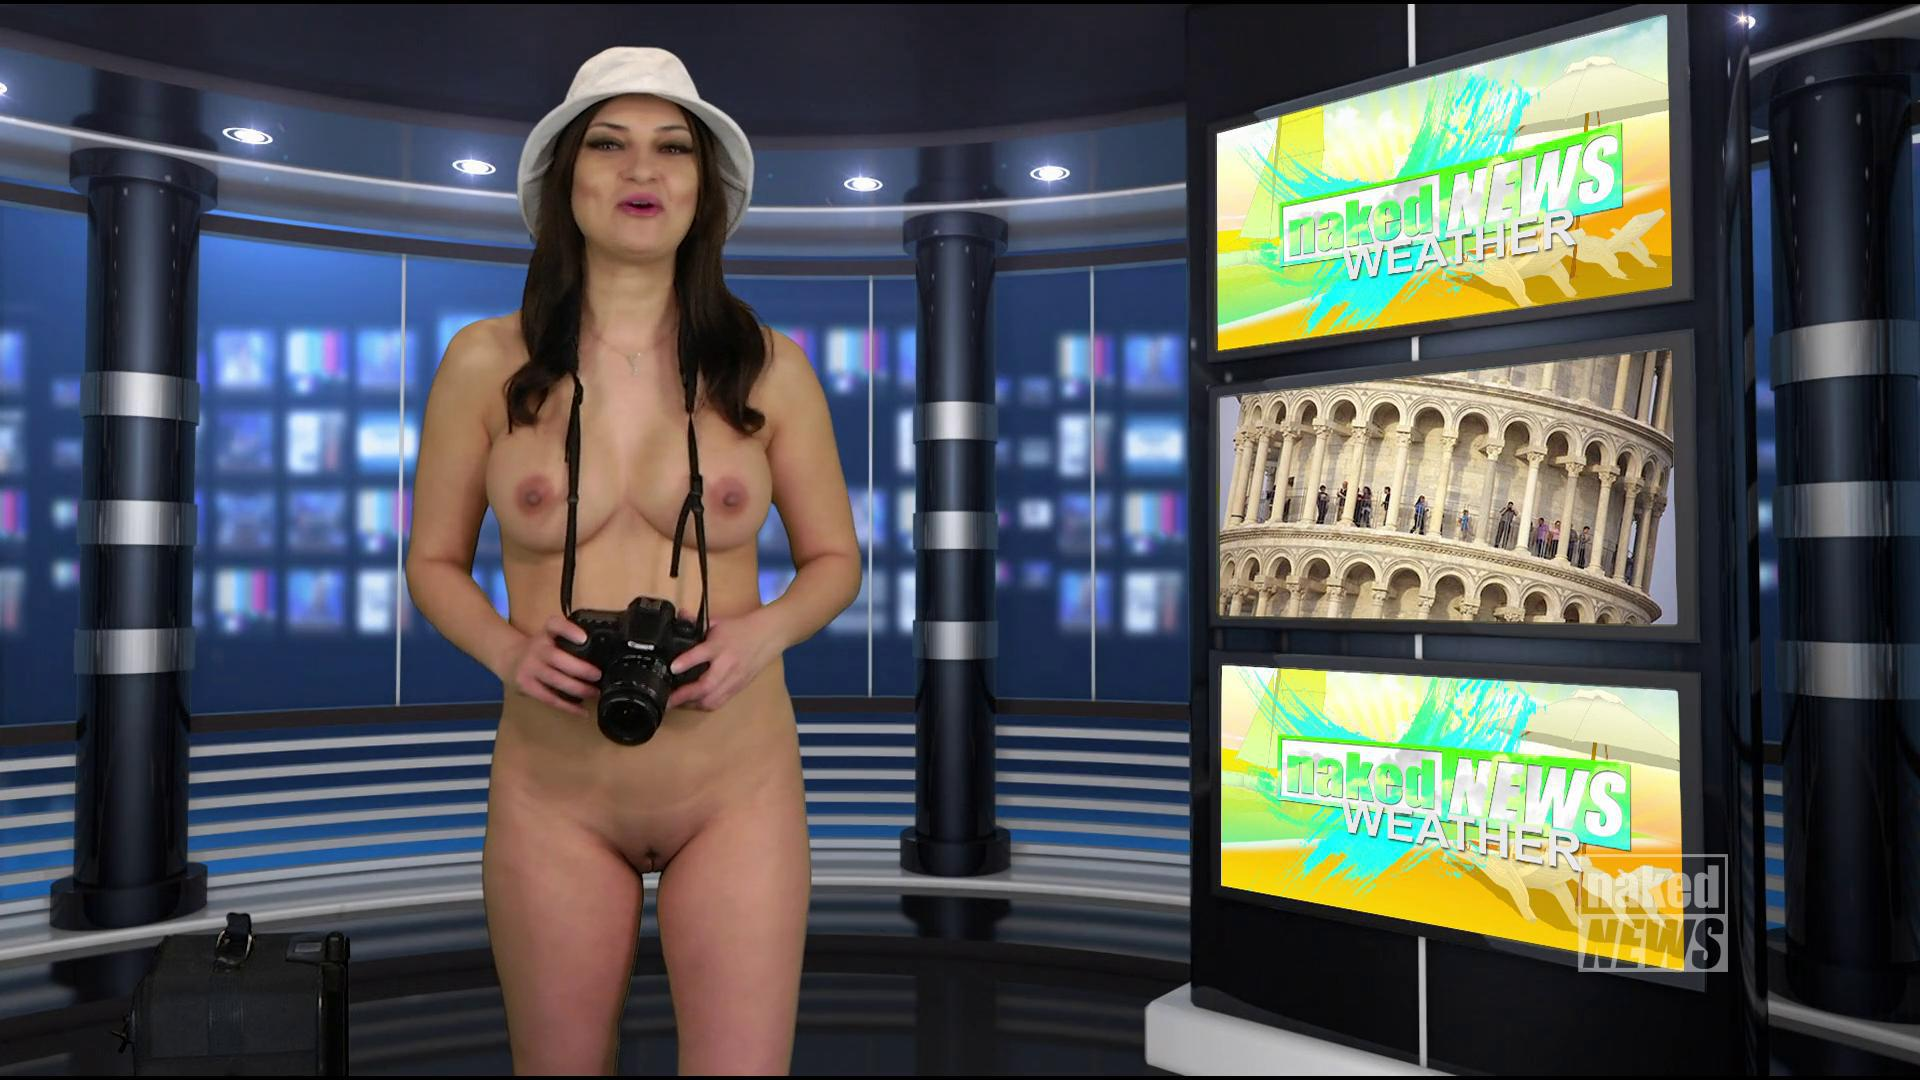 Naked news oil spill